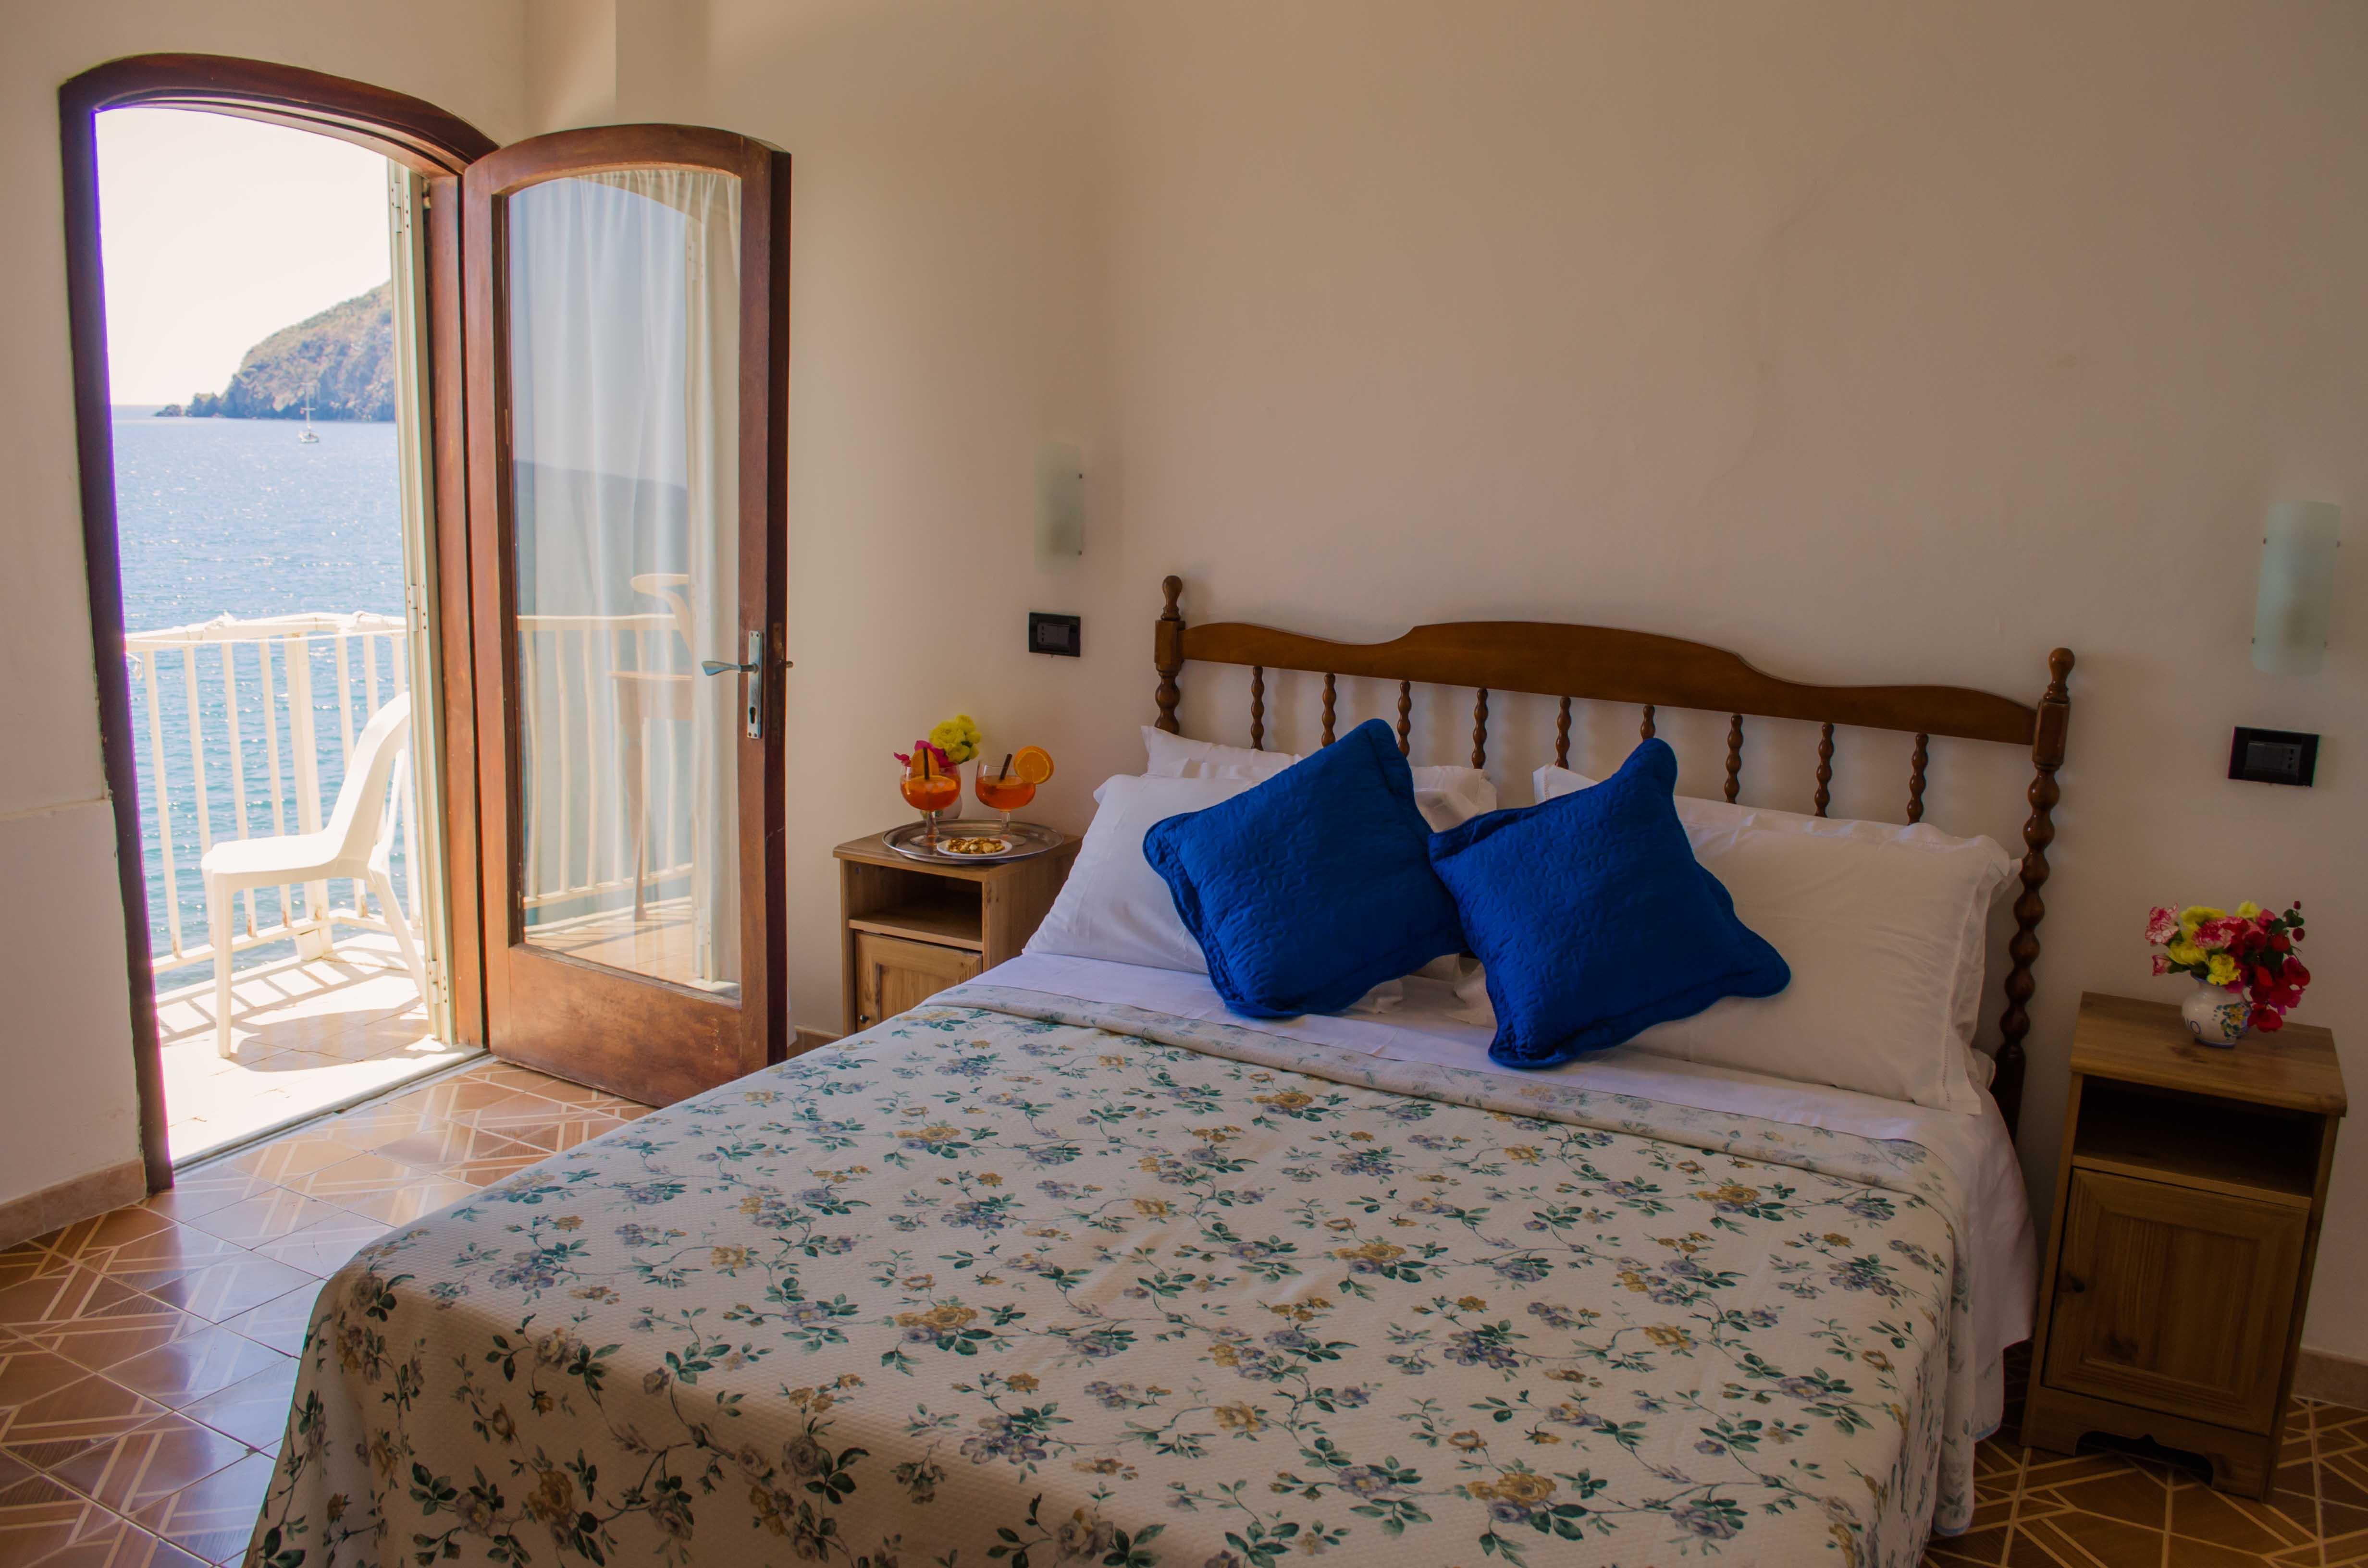 Camere albergo hotel angelino spiaggia dei maronti barano isola d 39 ischia - Camera matrimoniale romantica ...